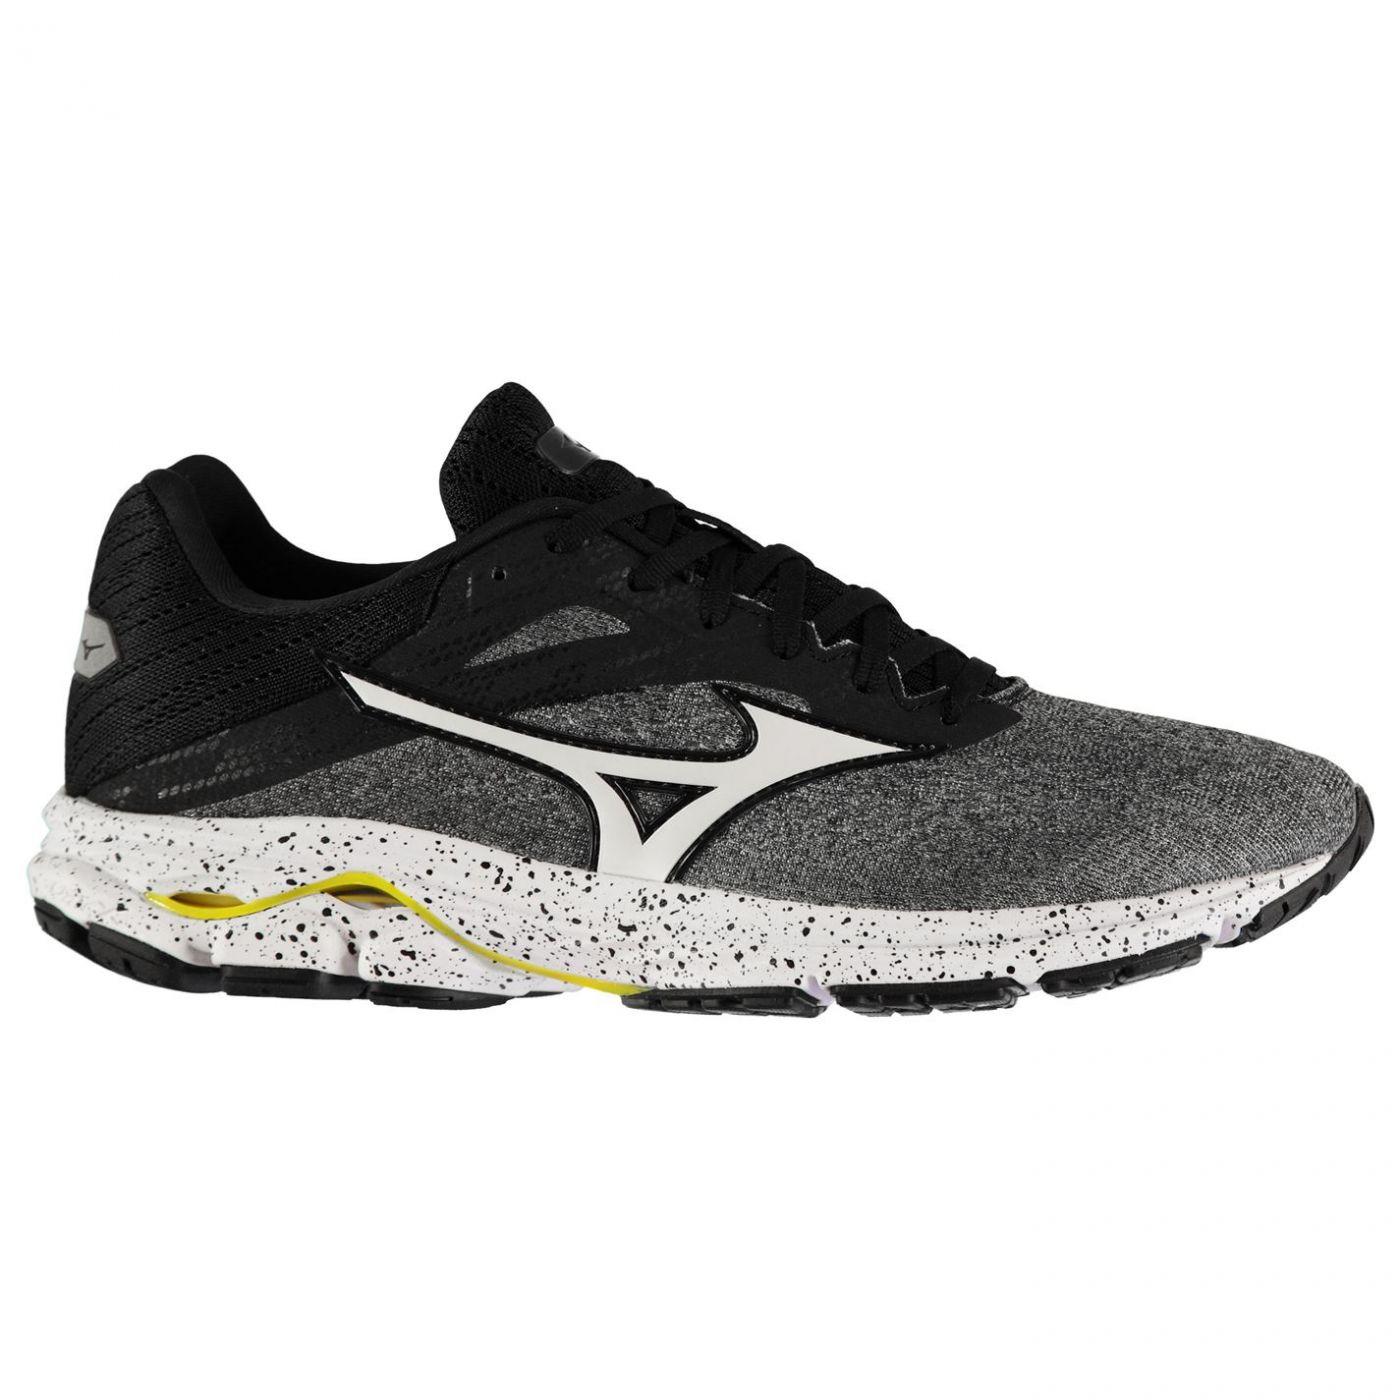 New Balance M 730 v3 pánské Running Shoes